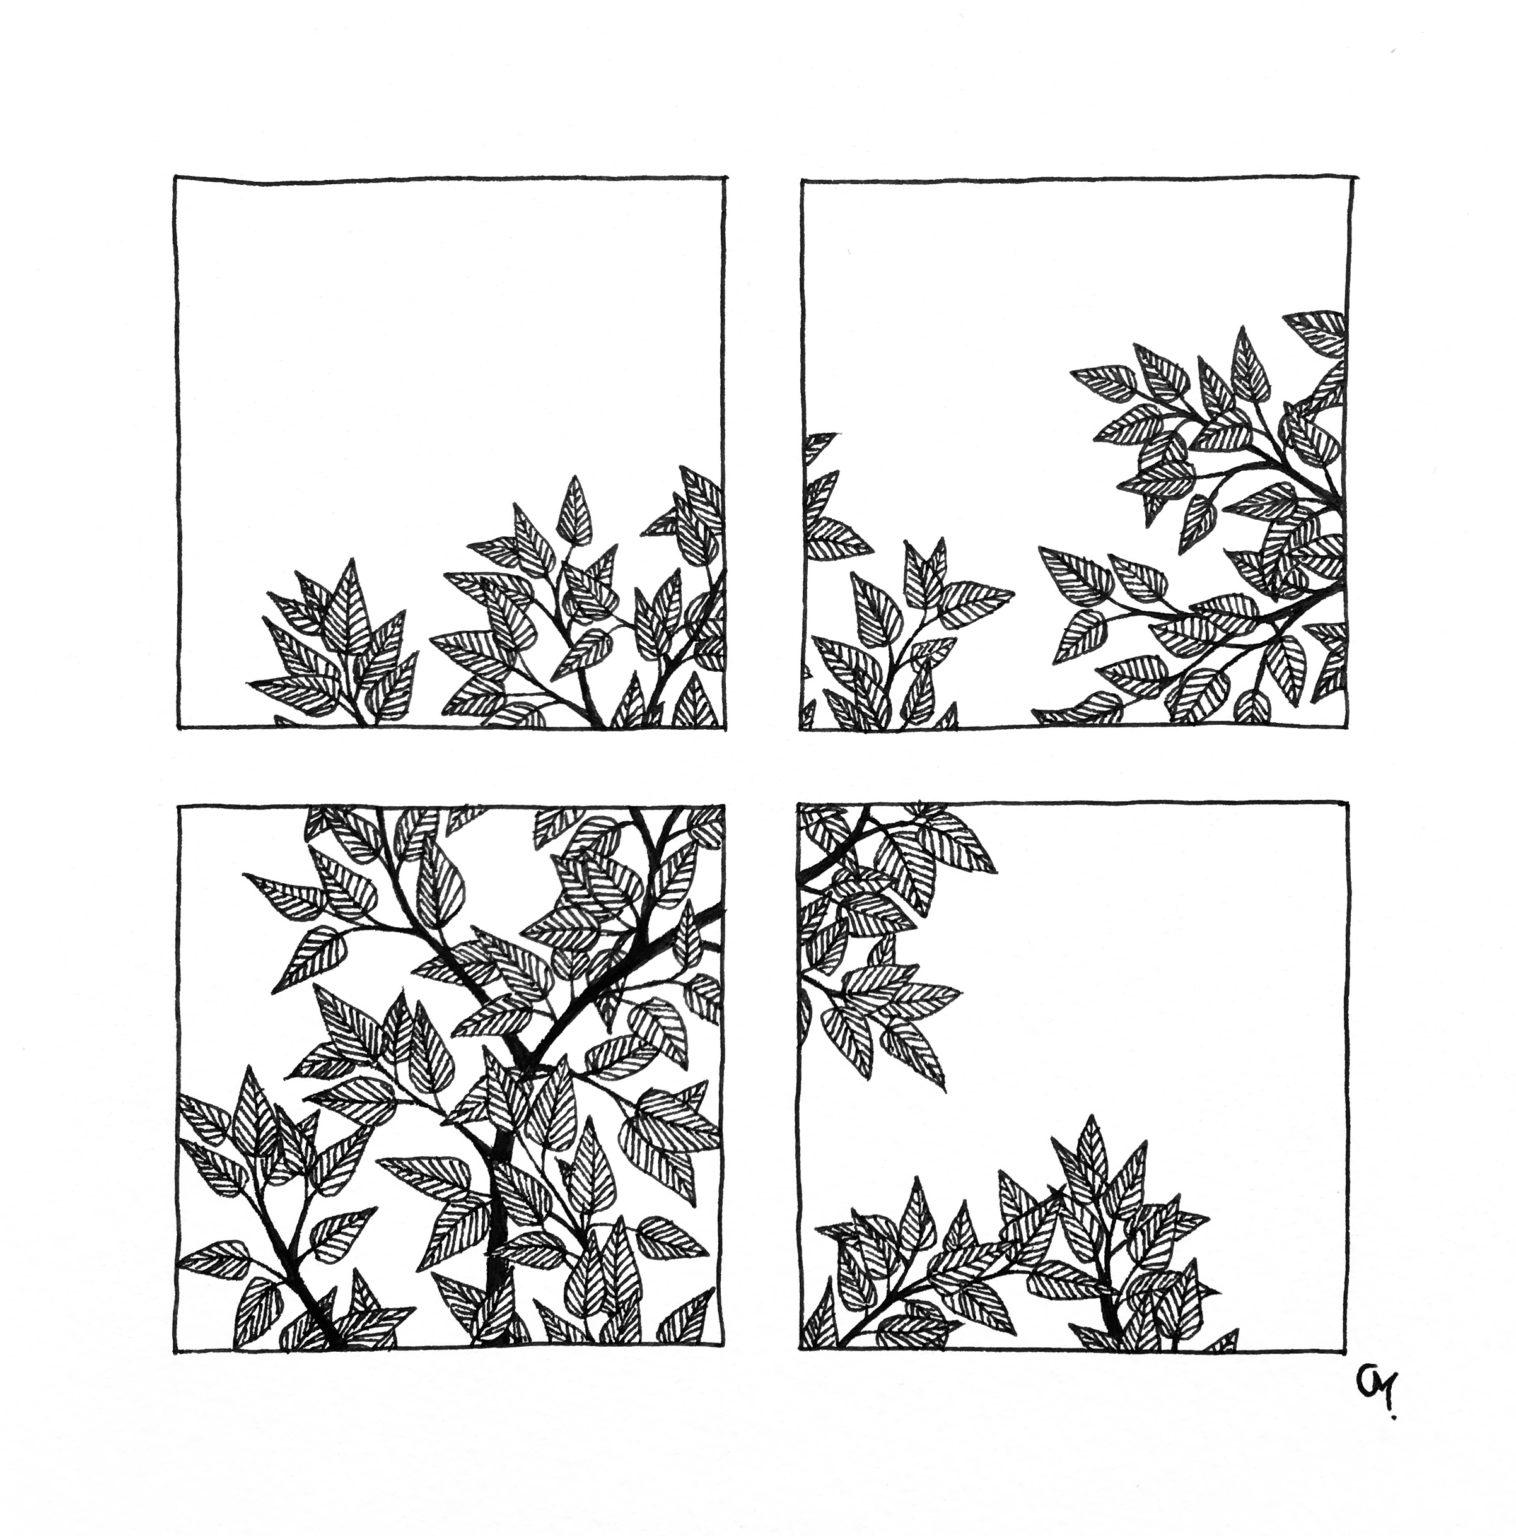 Carré floral 3